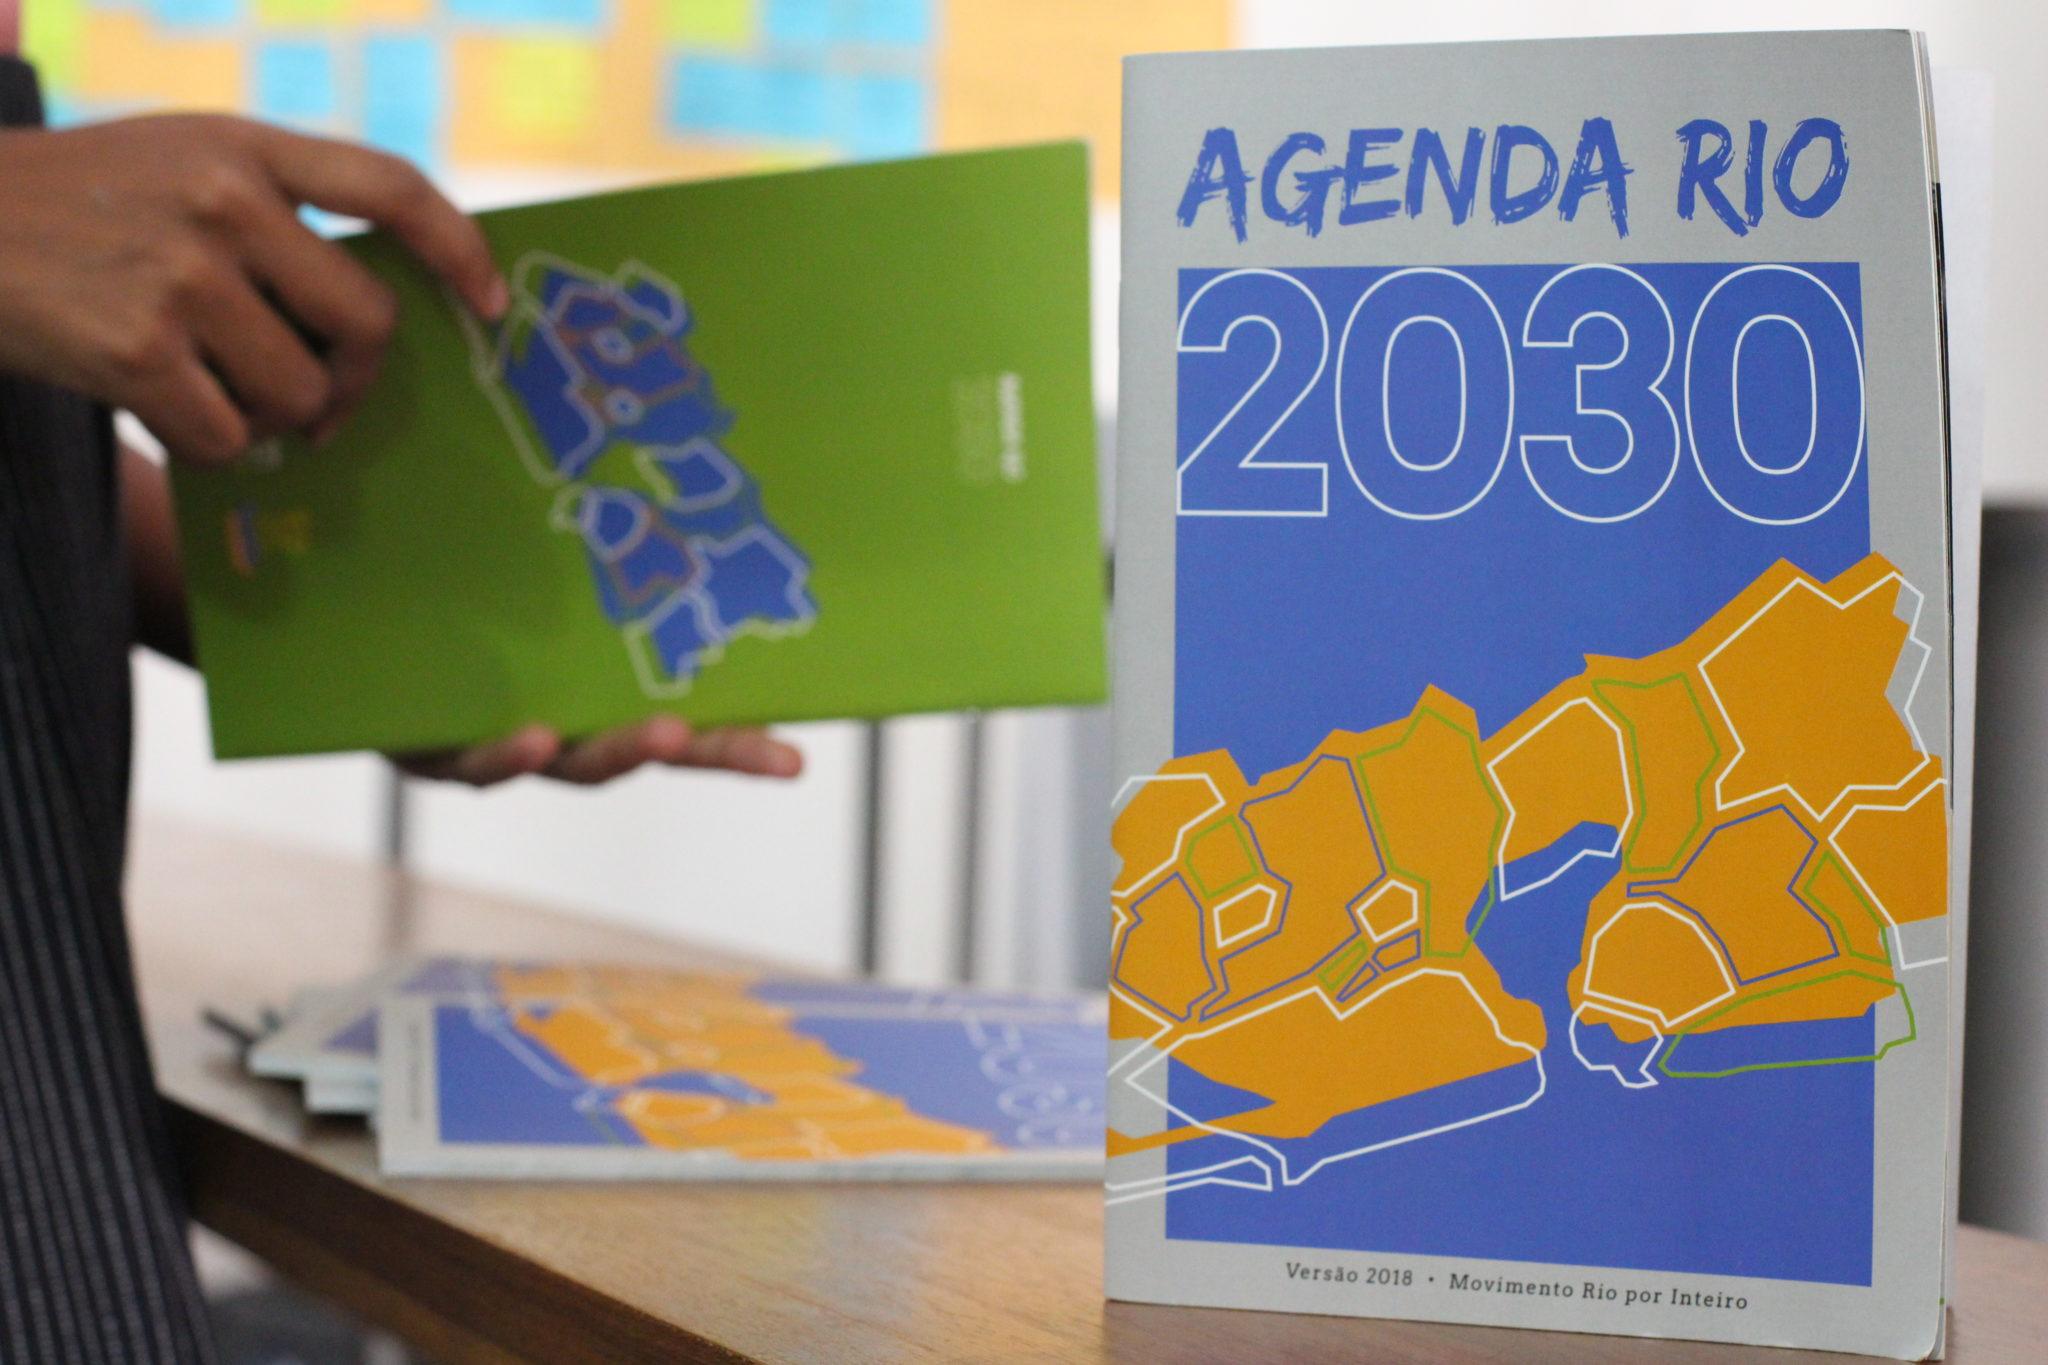 A Agenda Rio 2030 reúne propostas de políticas públicas para a Região Metropolitana: agendas locais são novidade nesta edição (Foto: Casa Fluminense)